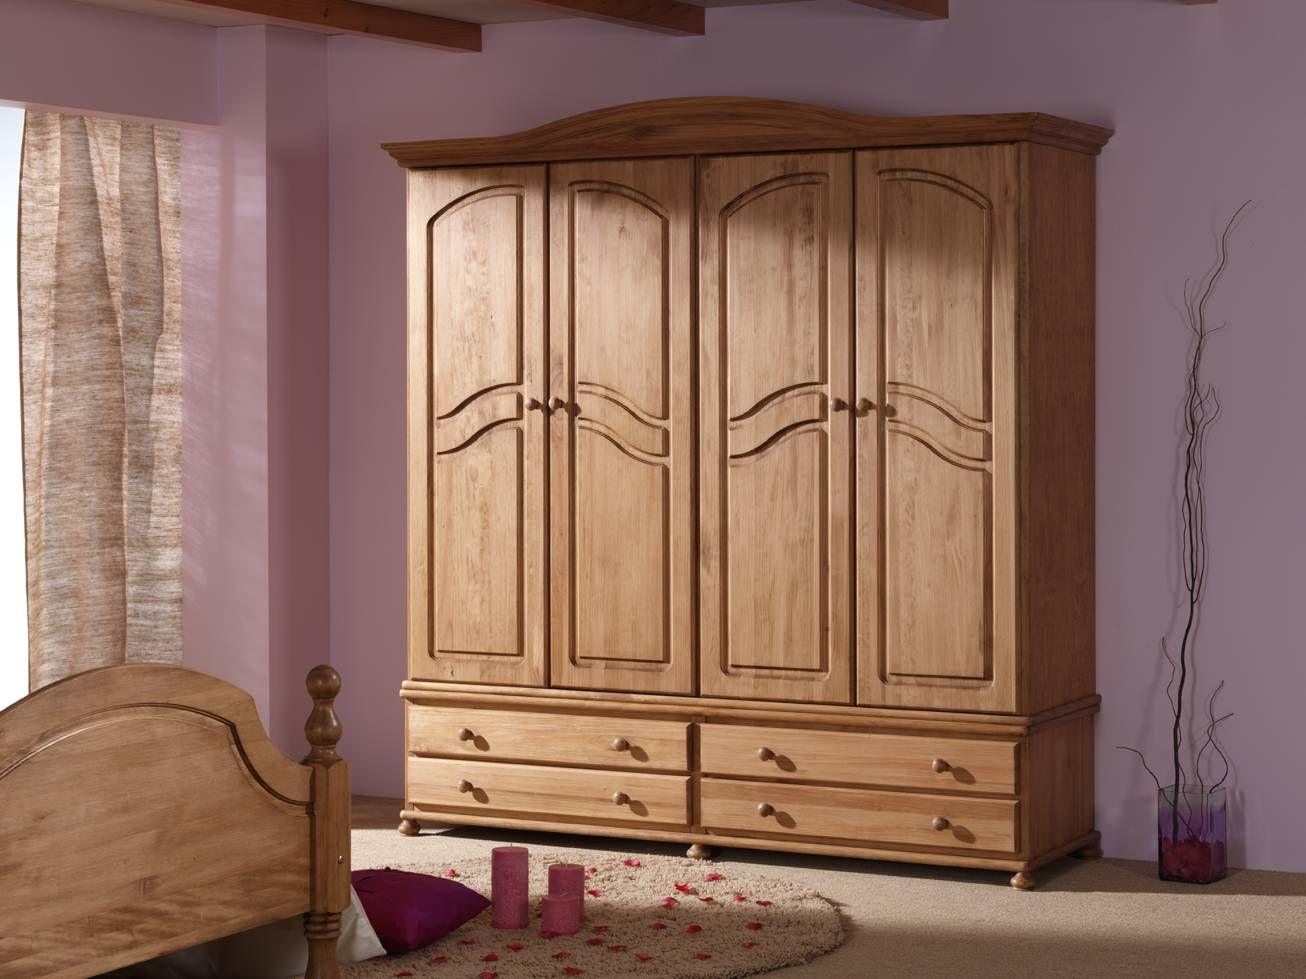 Roperos de madera hogar pinterest ropero de madera for Roperos para dormitorios